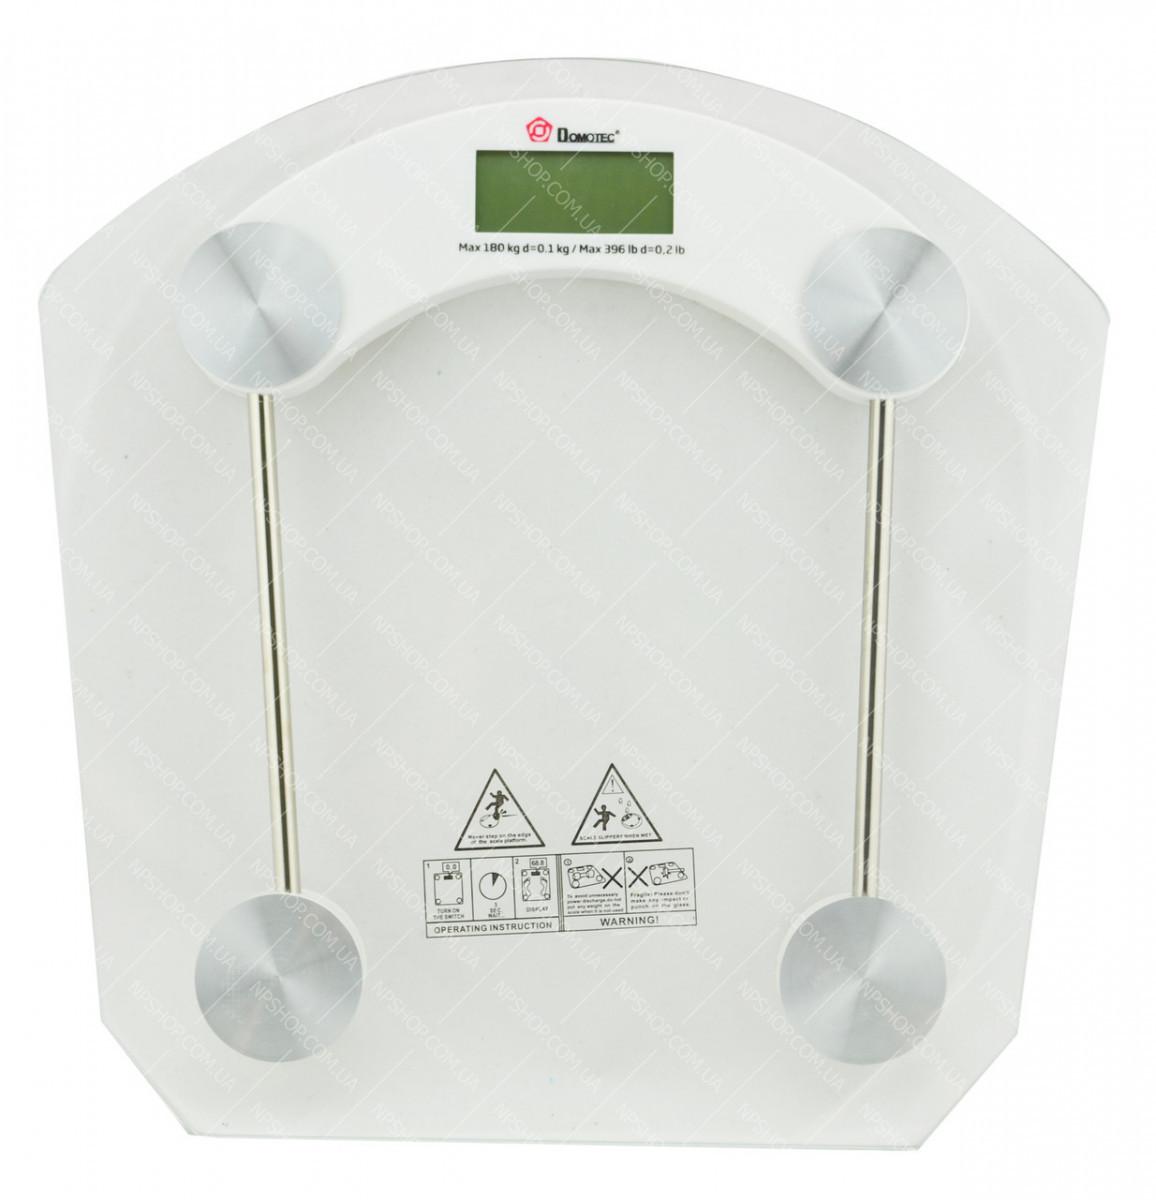 Весы напольные стеклянные (квадратнные) Domotec MS-2003B 180 кг #S/O